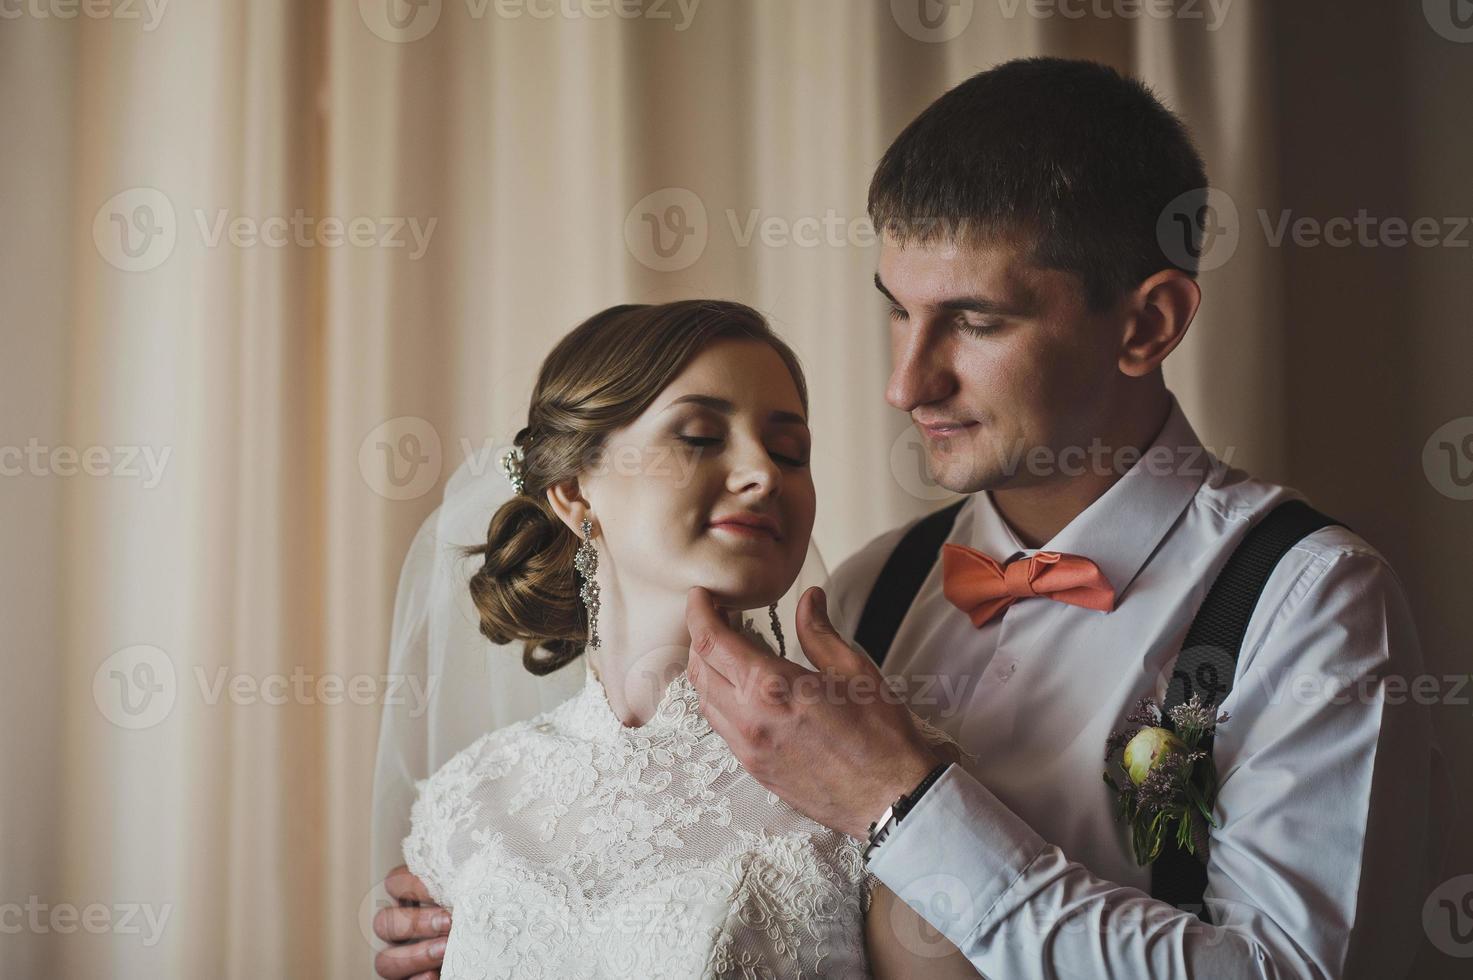 el hombre abraza tiernamente a su esposa foto